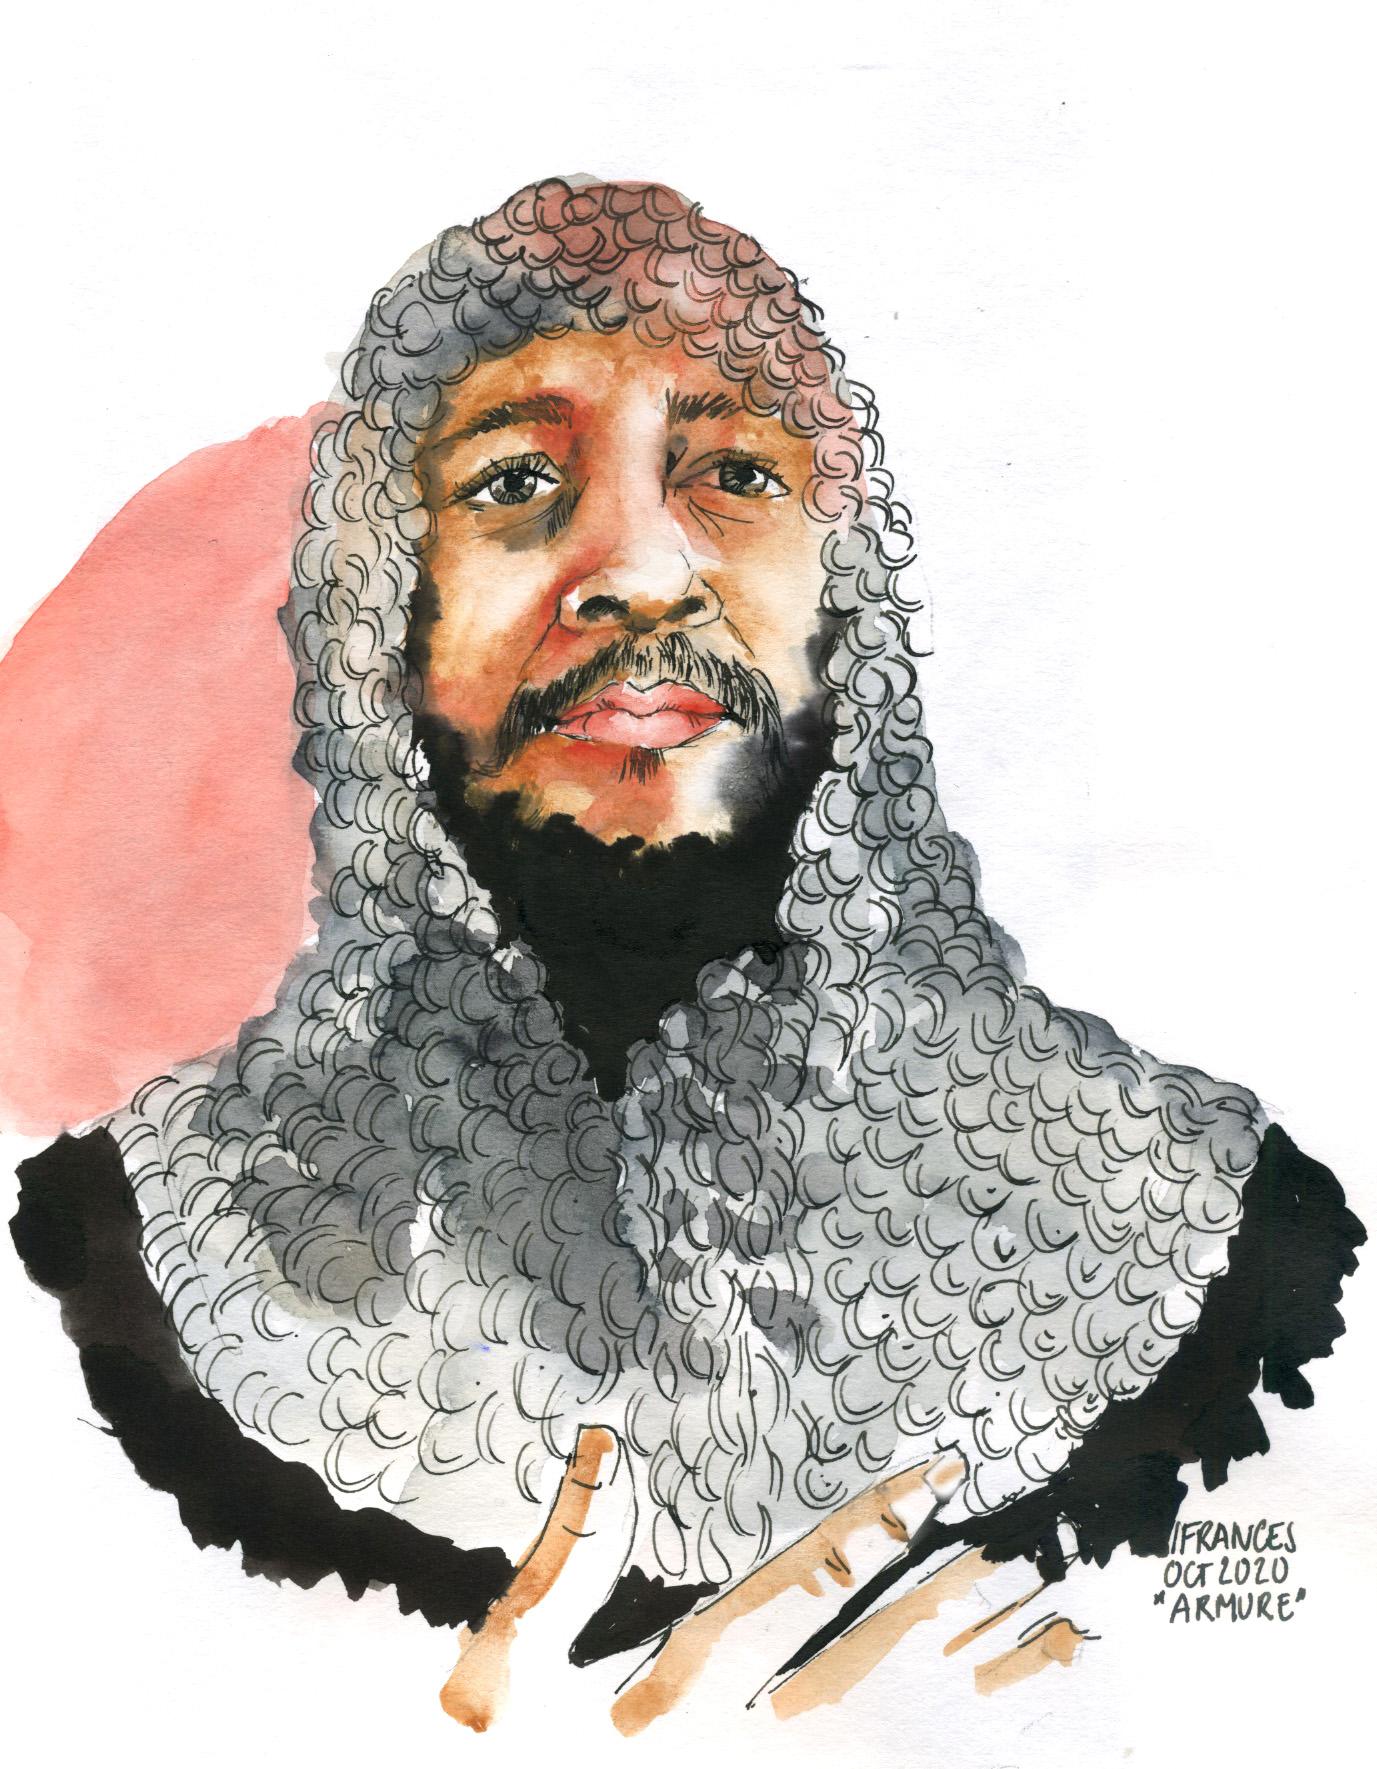 Portrait de Lucas en armure à l'encre et aquarelle d'apres un tuto de Vin Ganapathy